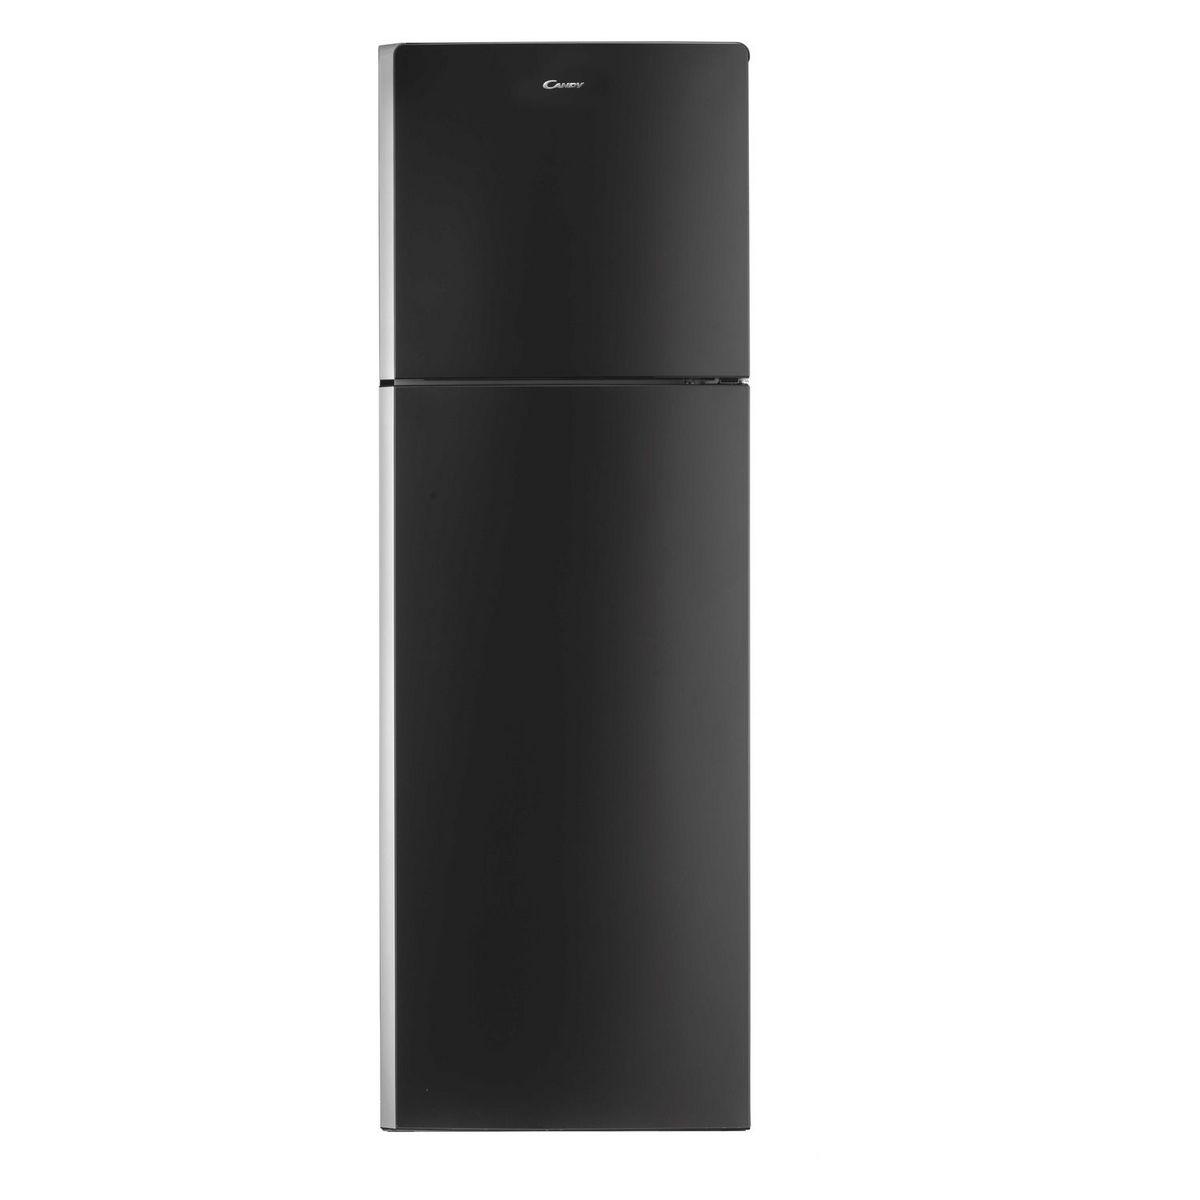 Réfrigérateur combiné CHADN5162MB, 264 l, Froid no frost